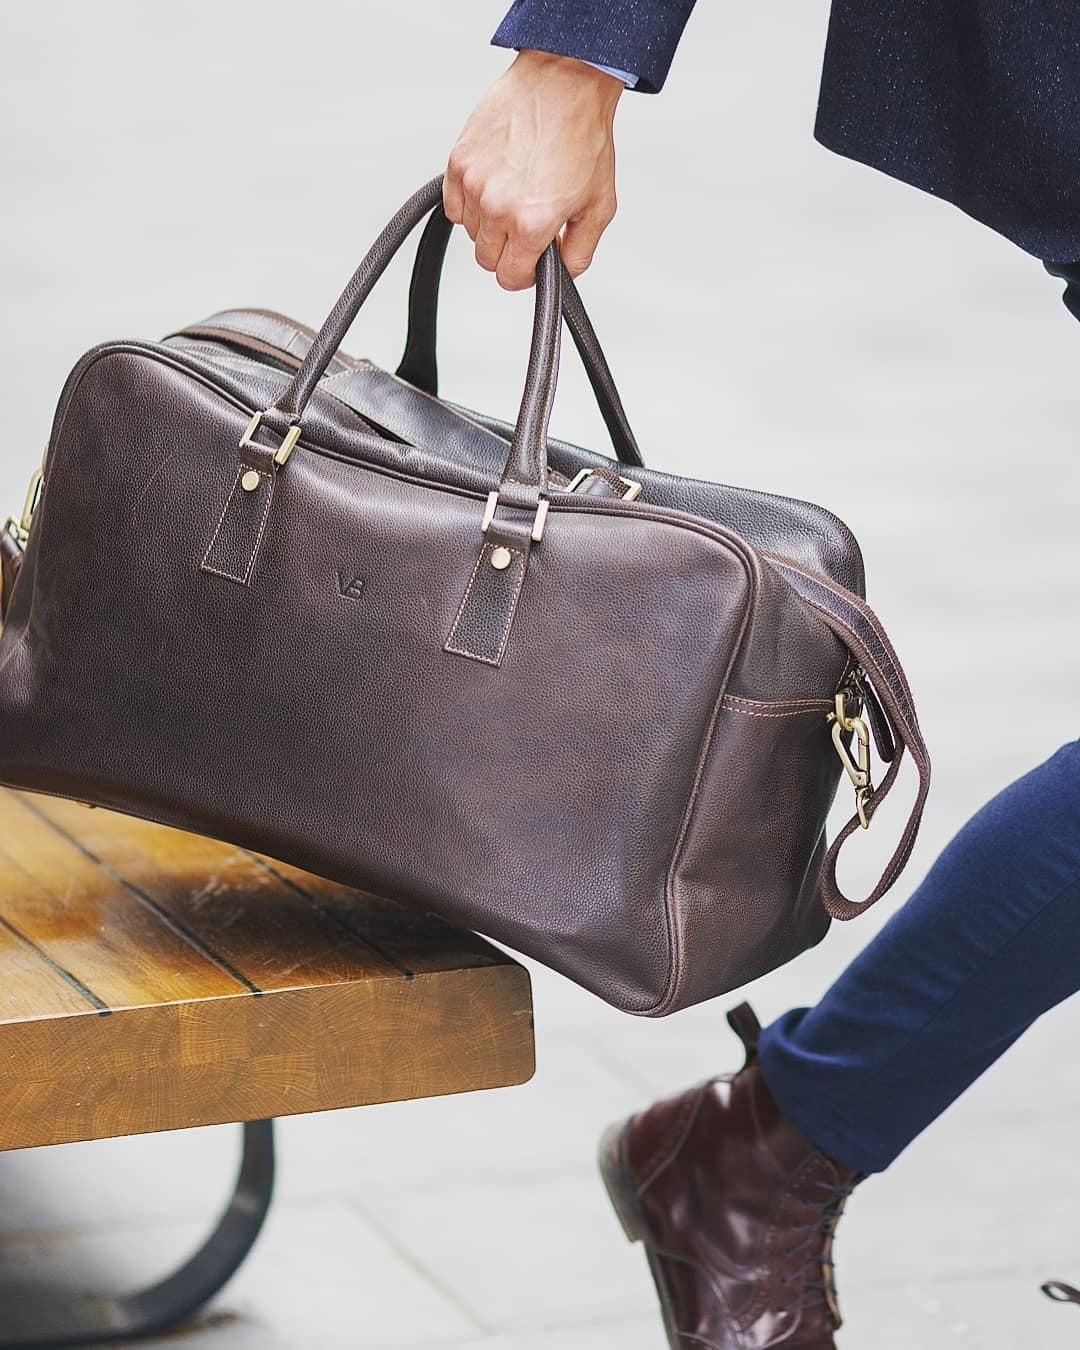 käsipagasi kohver